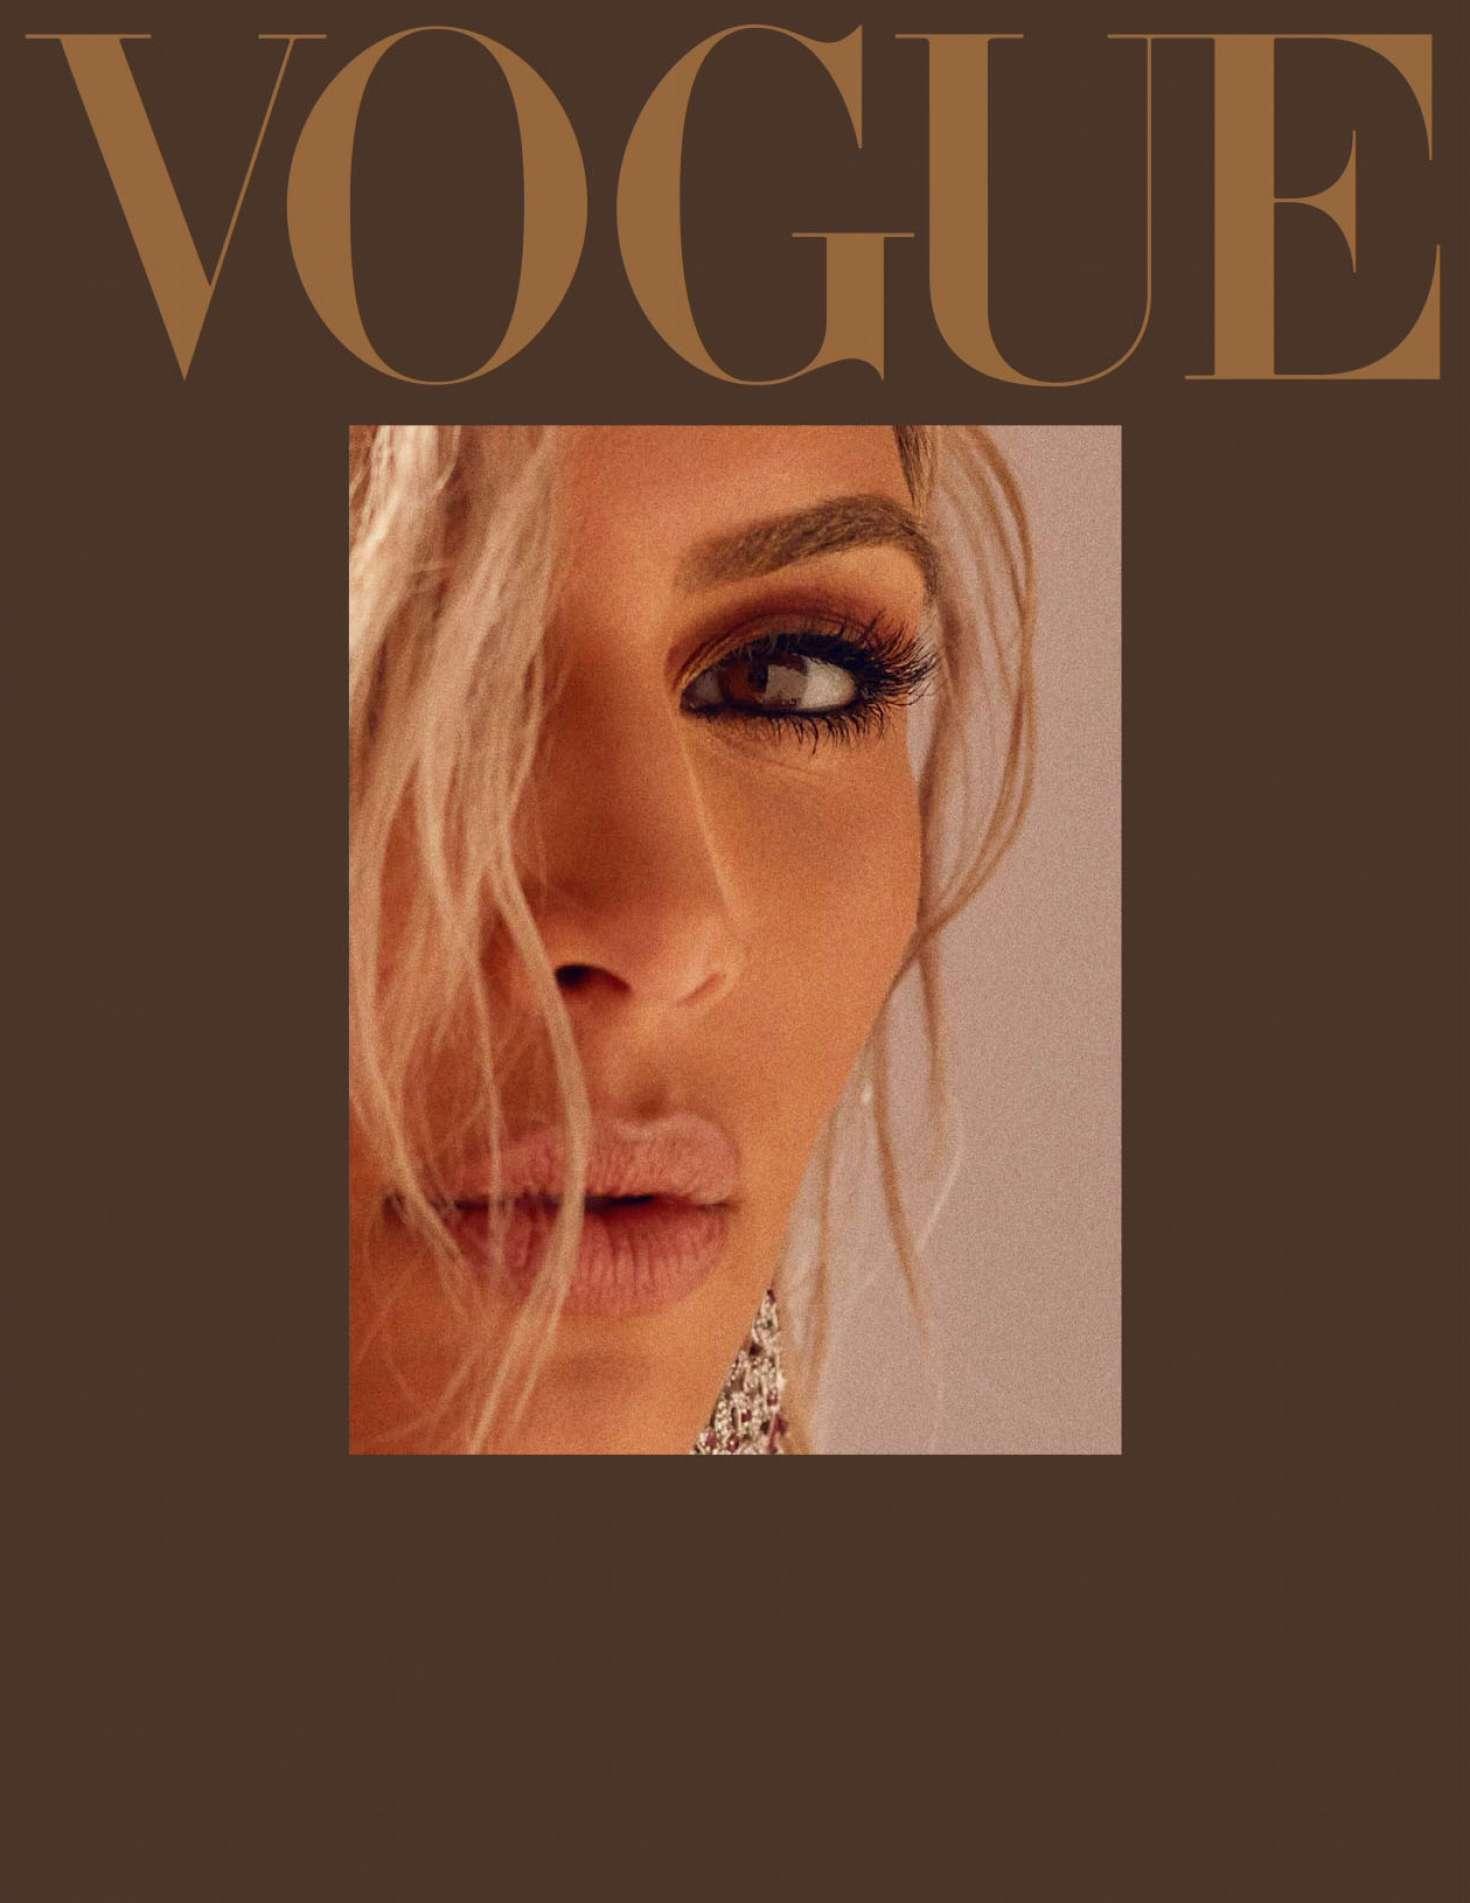 Kim Kardashian 2018 : Kim Kardashian: Vogue India 2018 adds -15